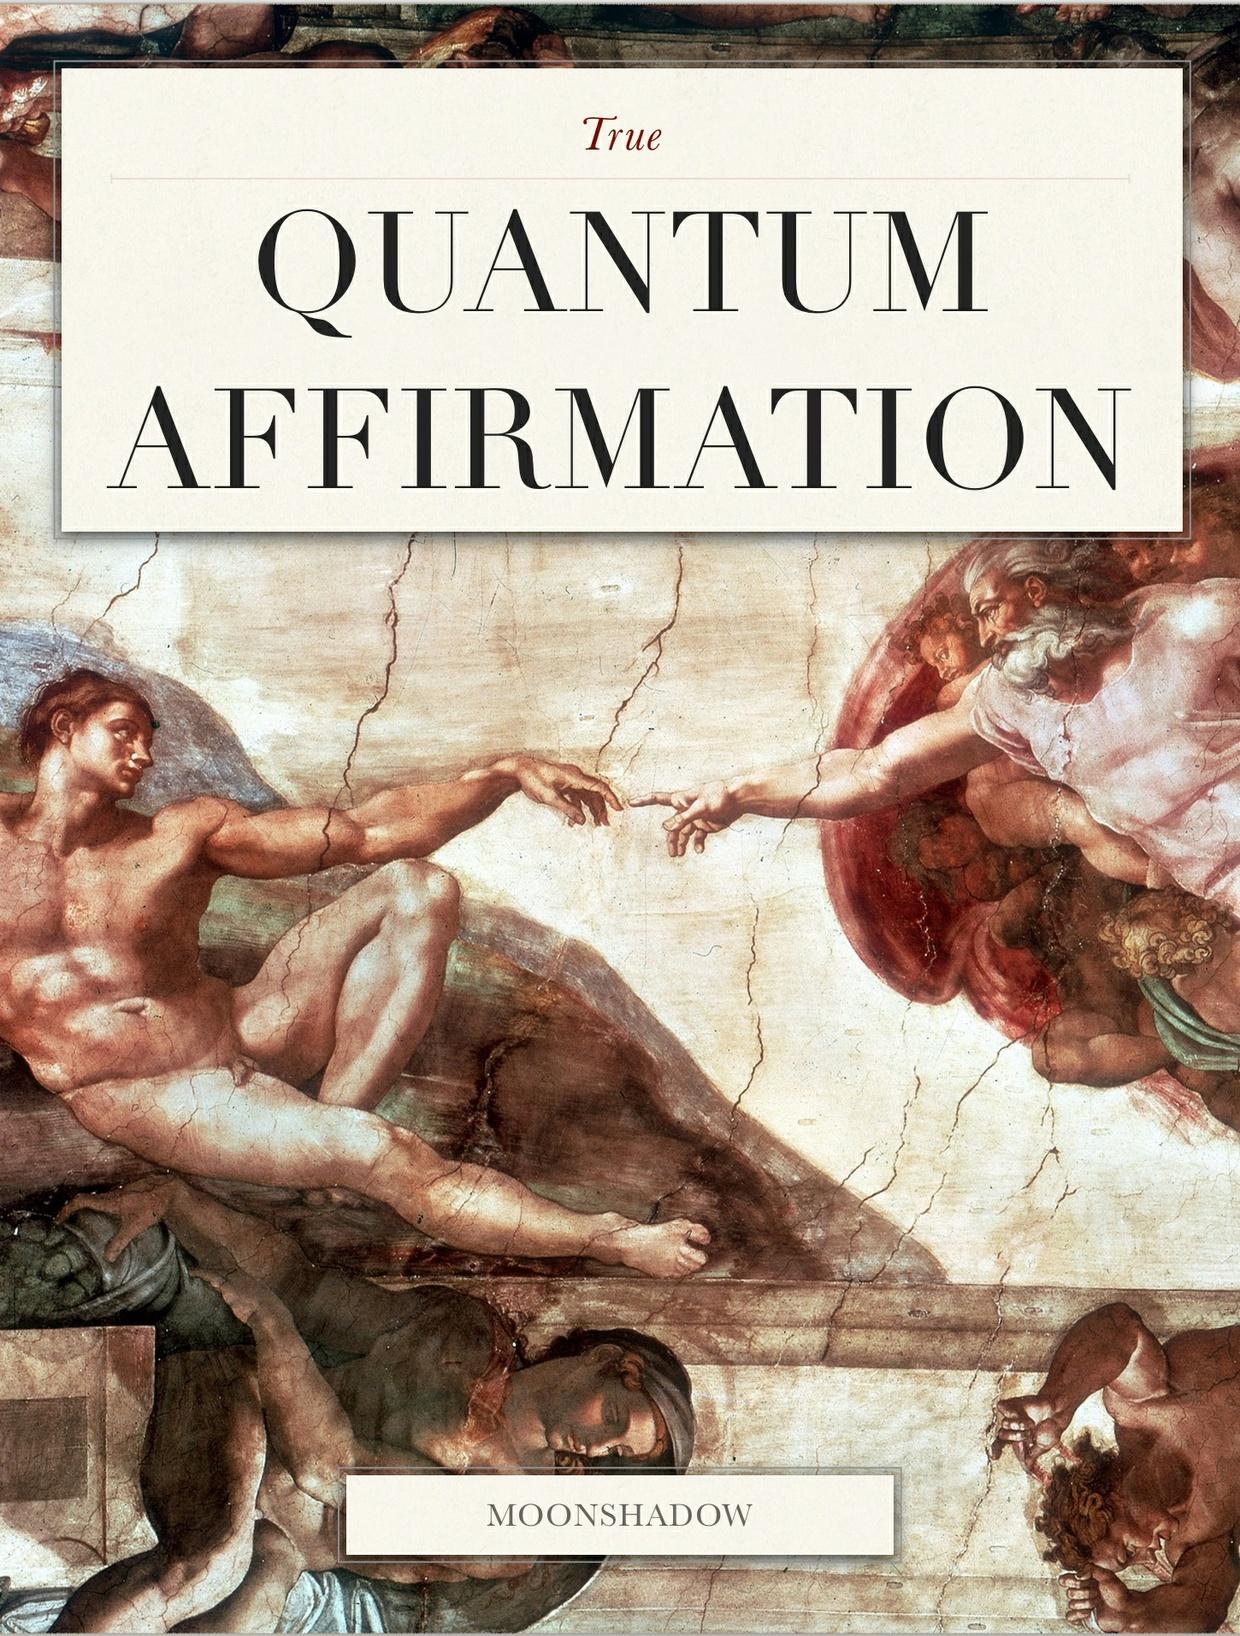 True Quantum Affirmations